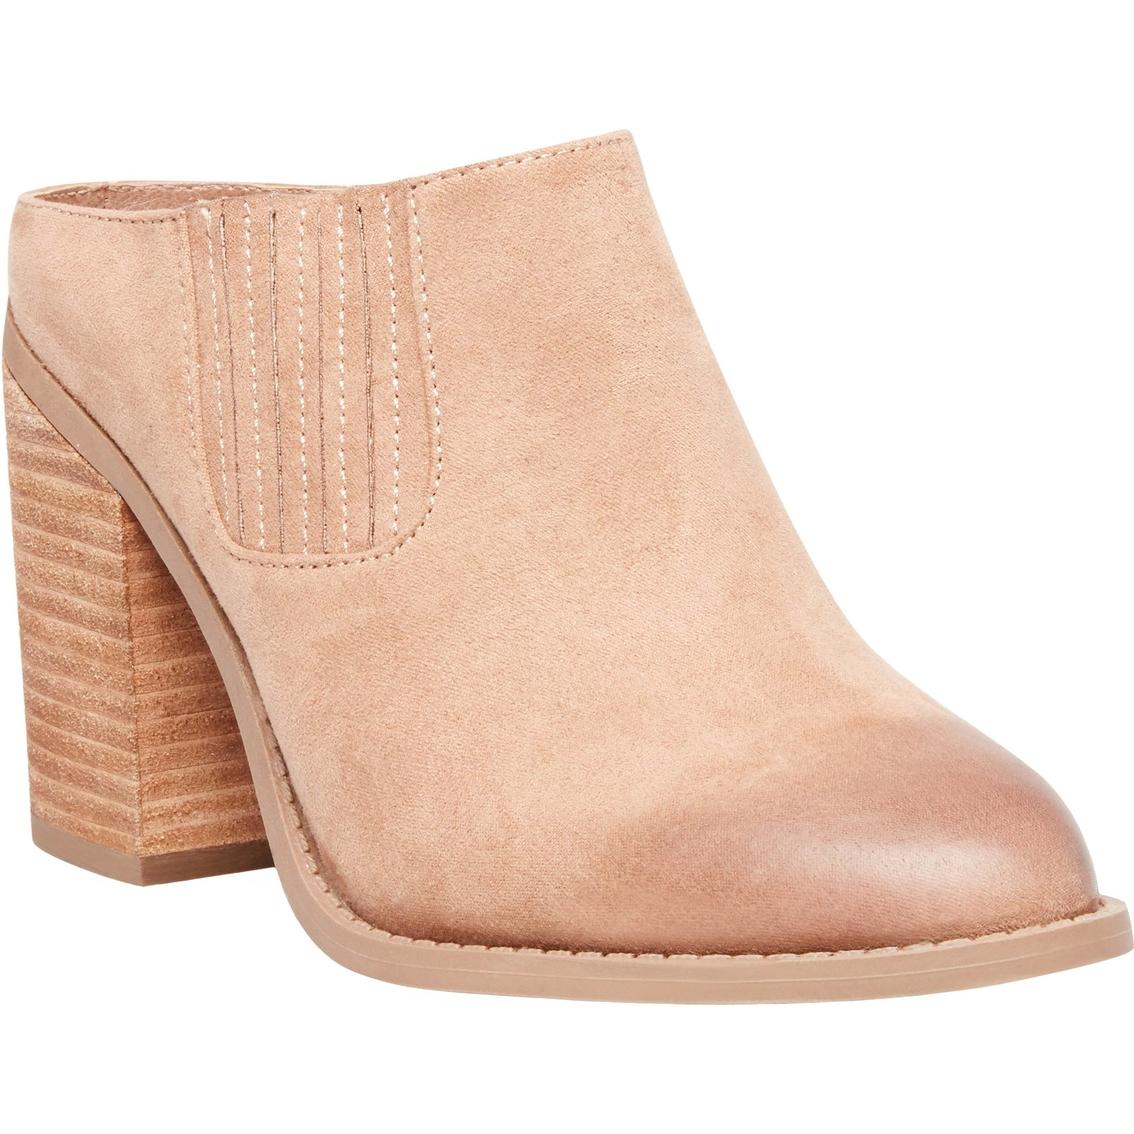 Maggiee Mule With Block Heel | Sneakers